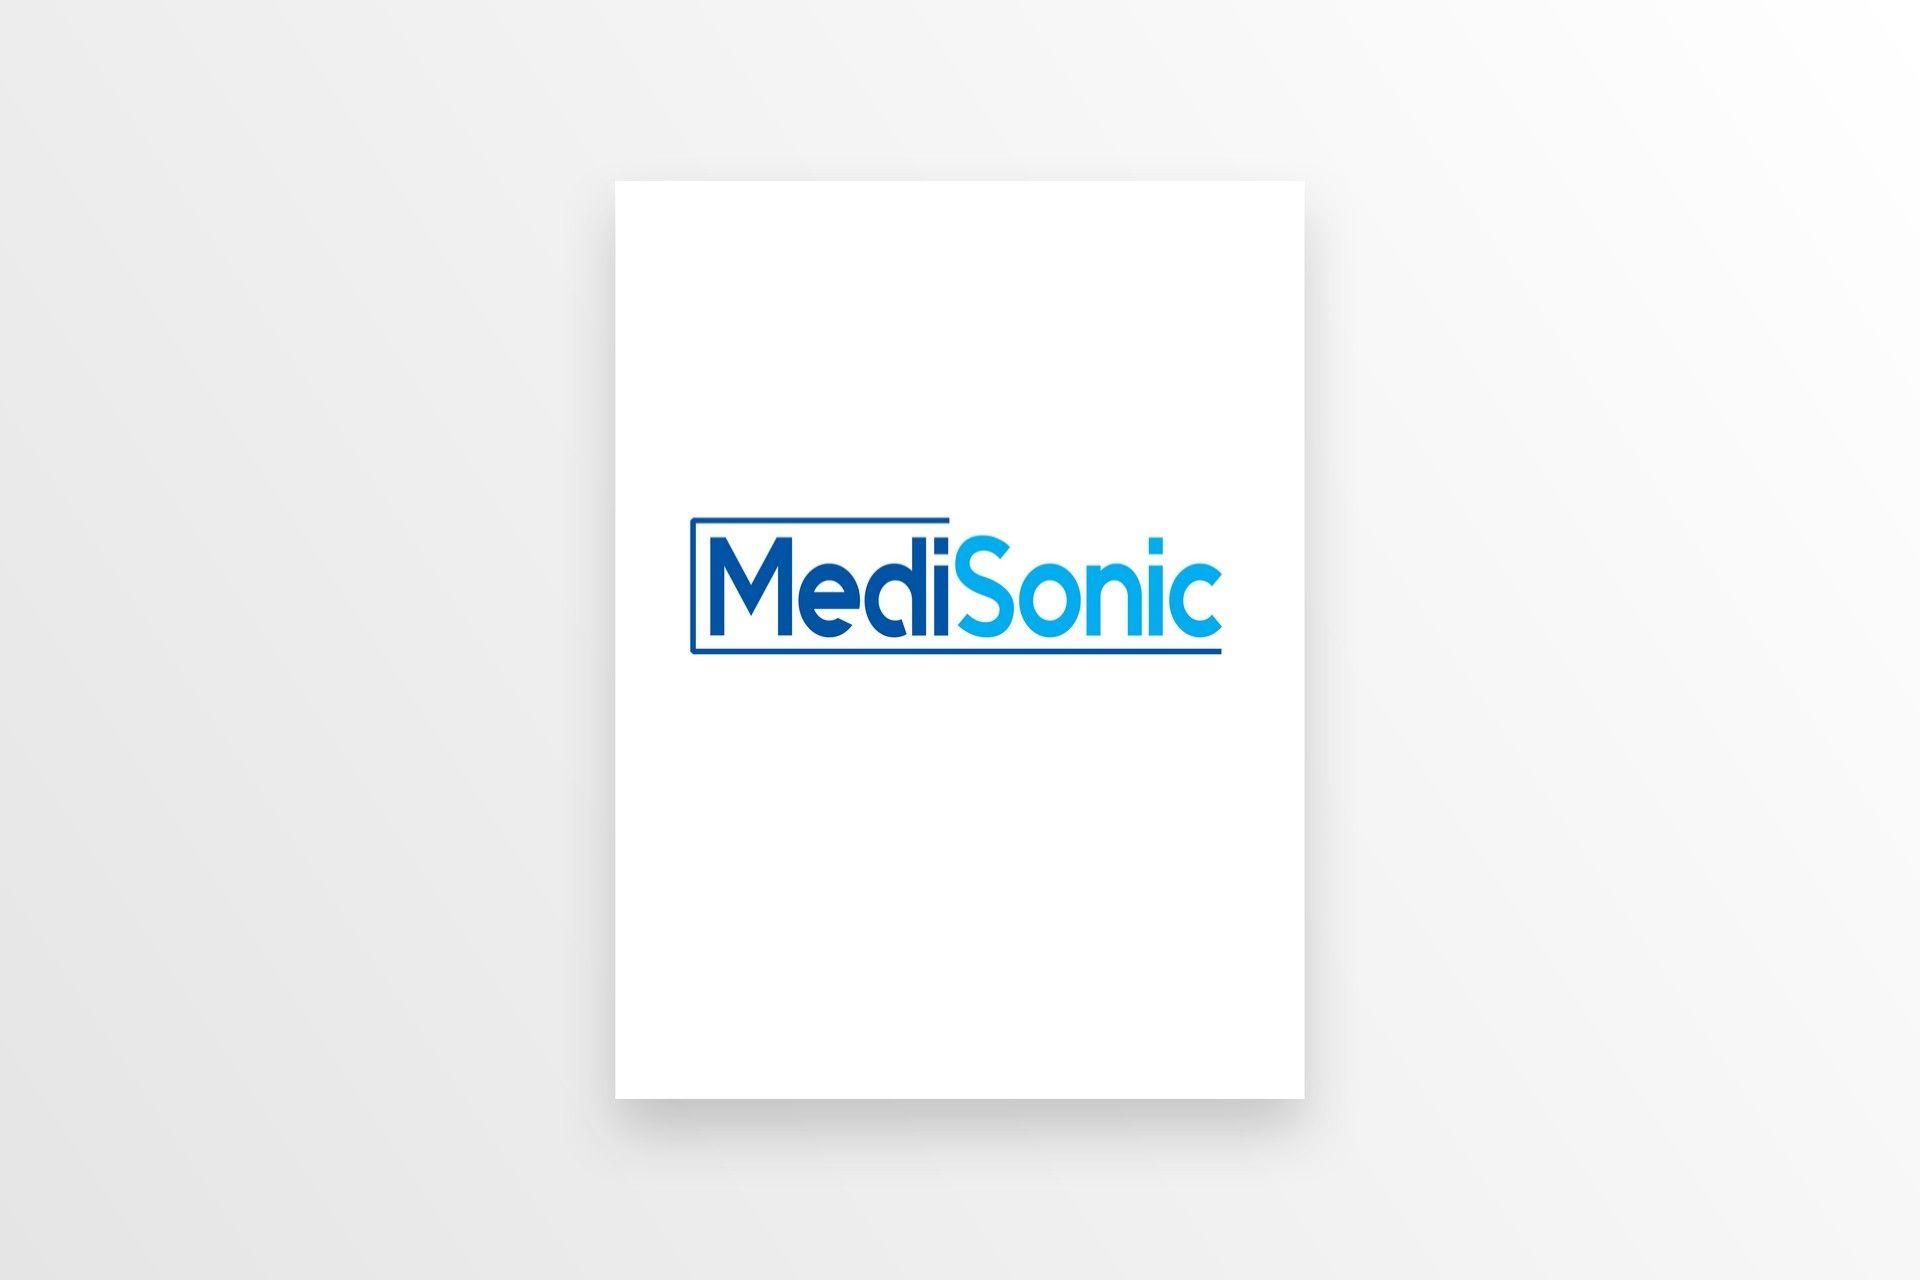 MediSonic